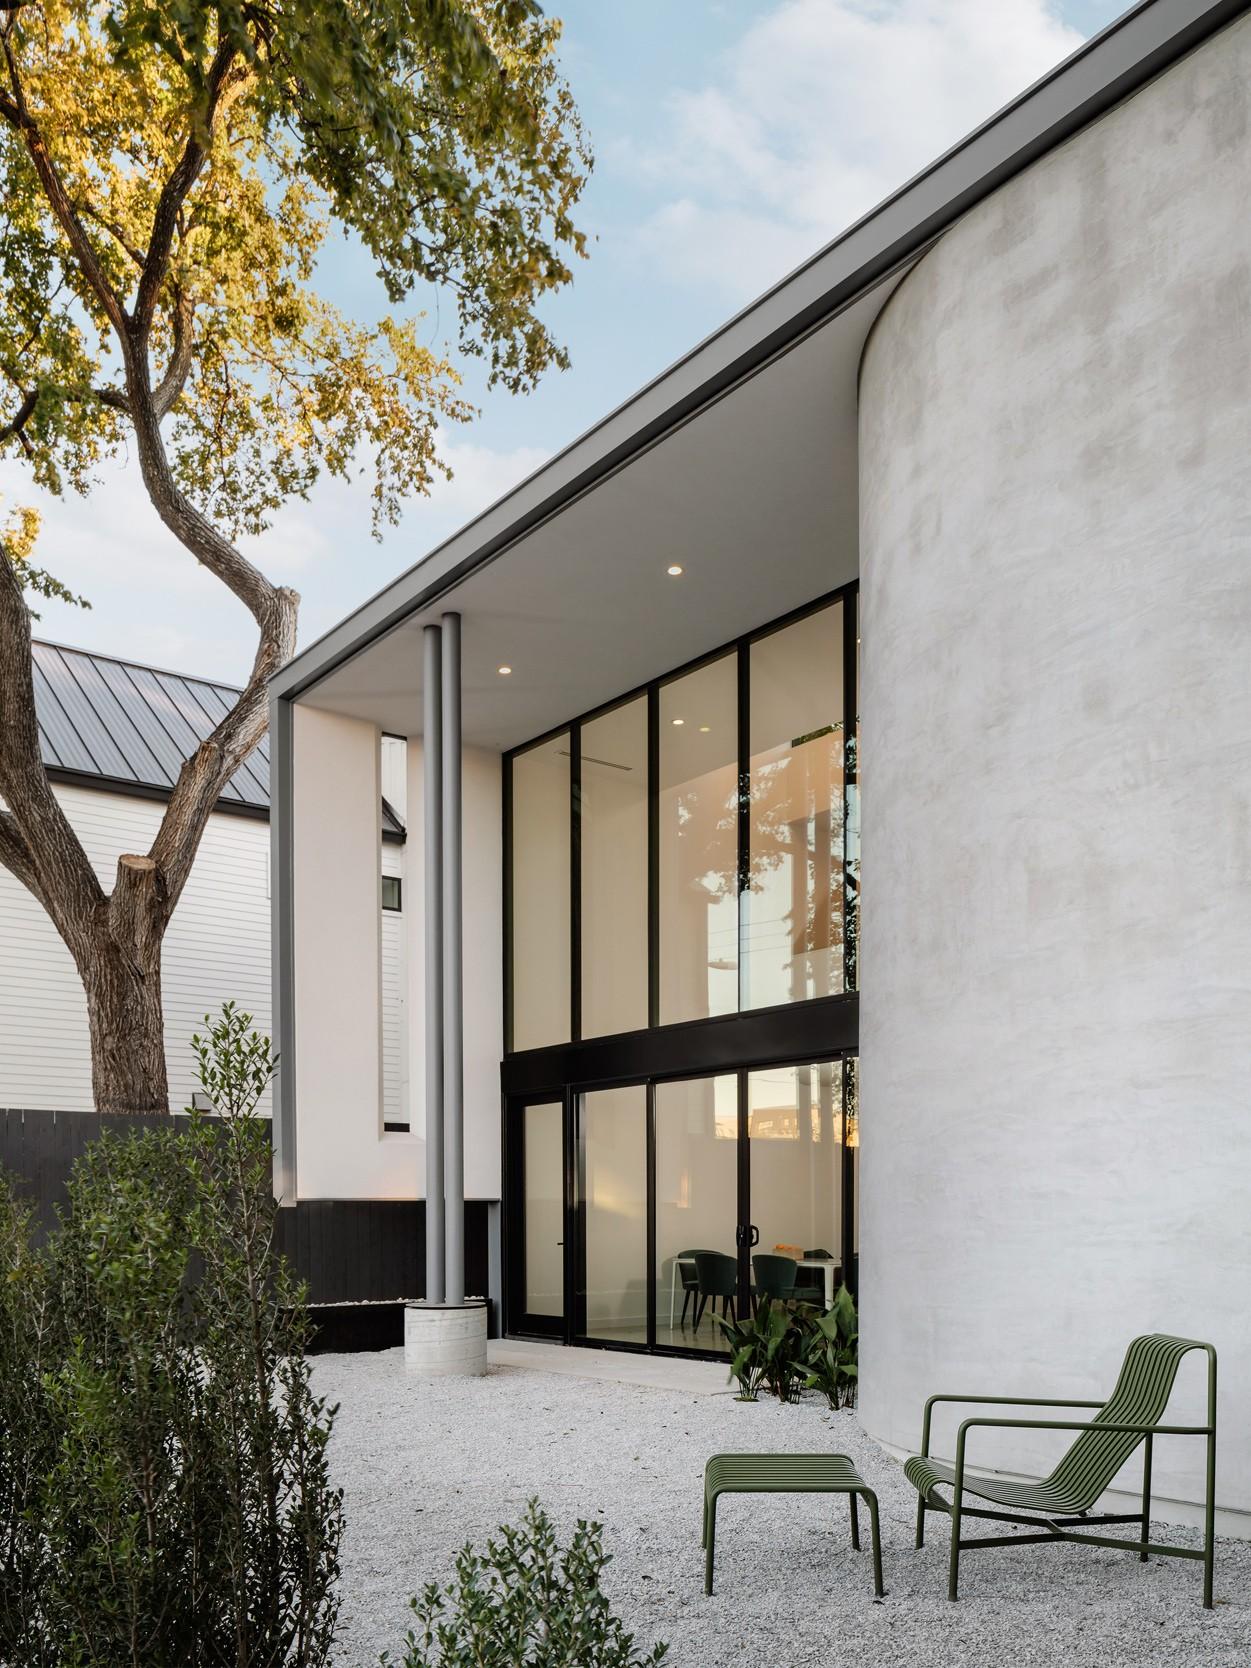 Семейная резиденция - городское убежище с эффектным дизайном